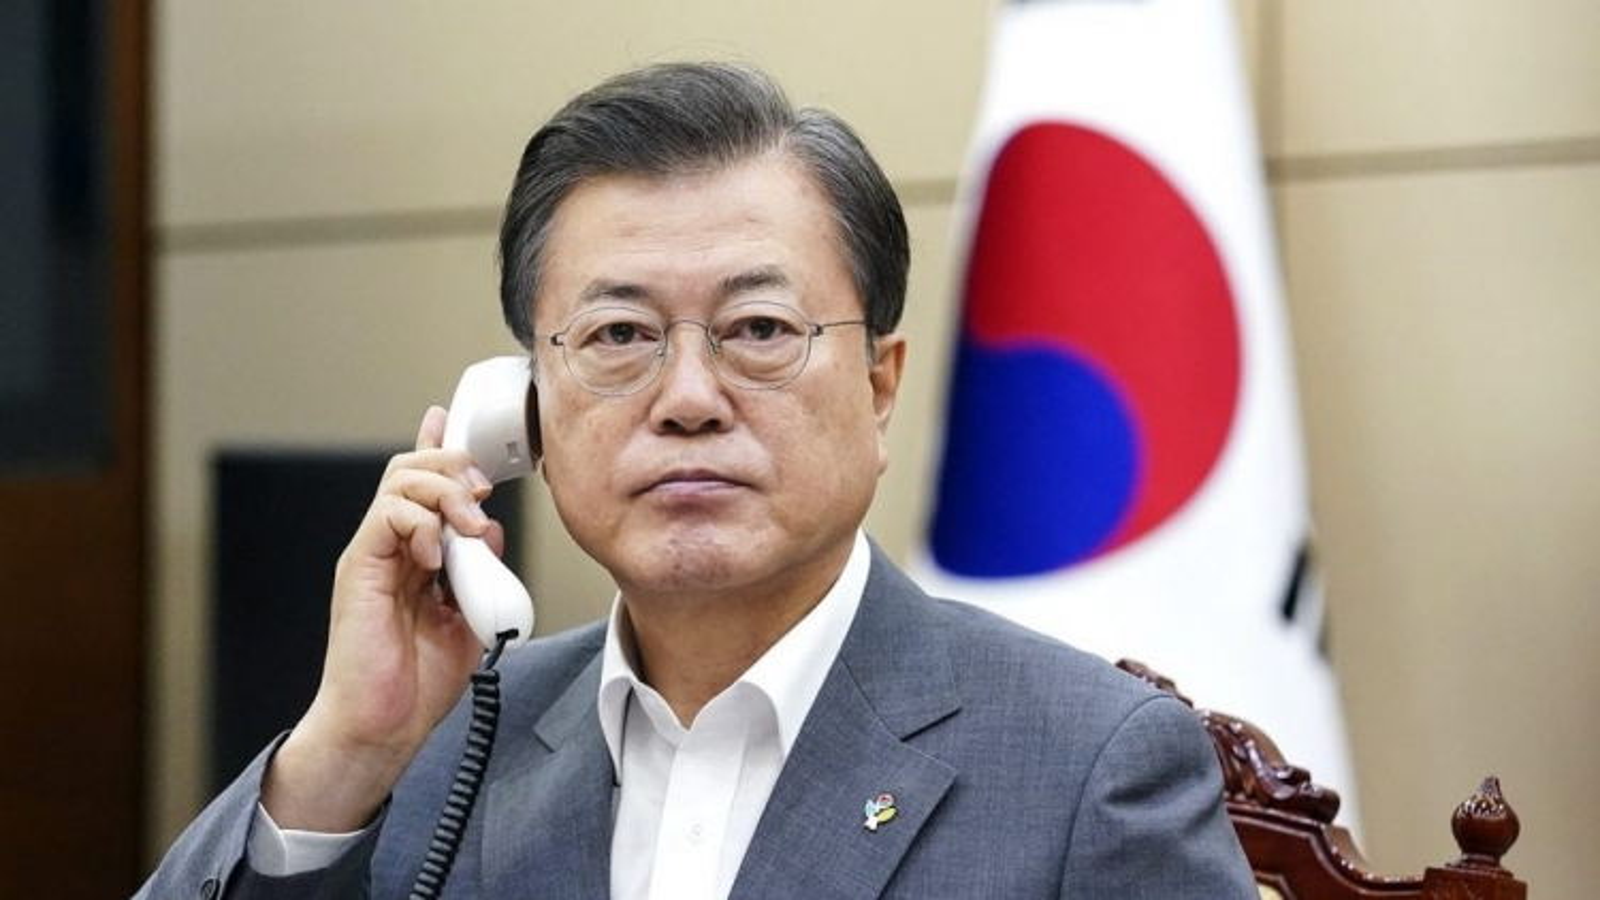 Tổng thống Hàn Quốc lên đường thăm Mỹ, dự kiến bàn về Triều Tiên và Covid-19